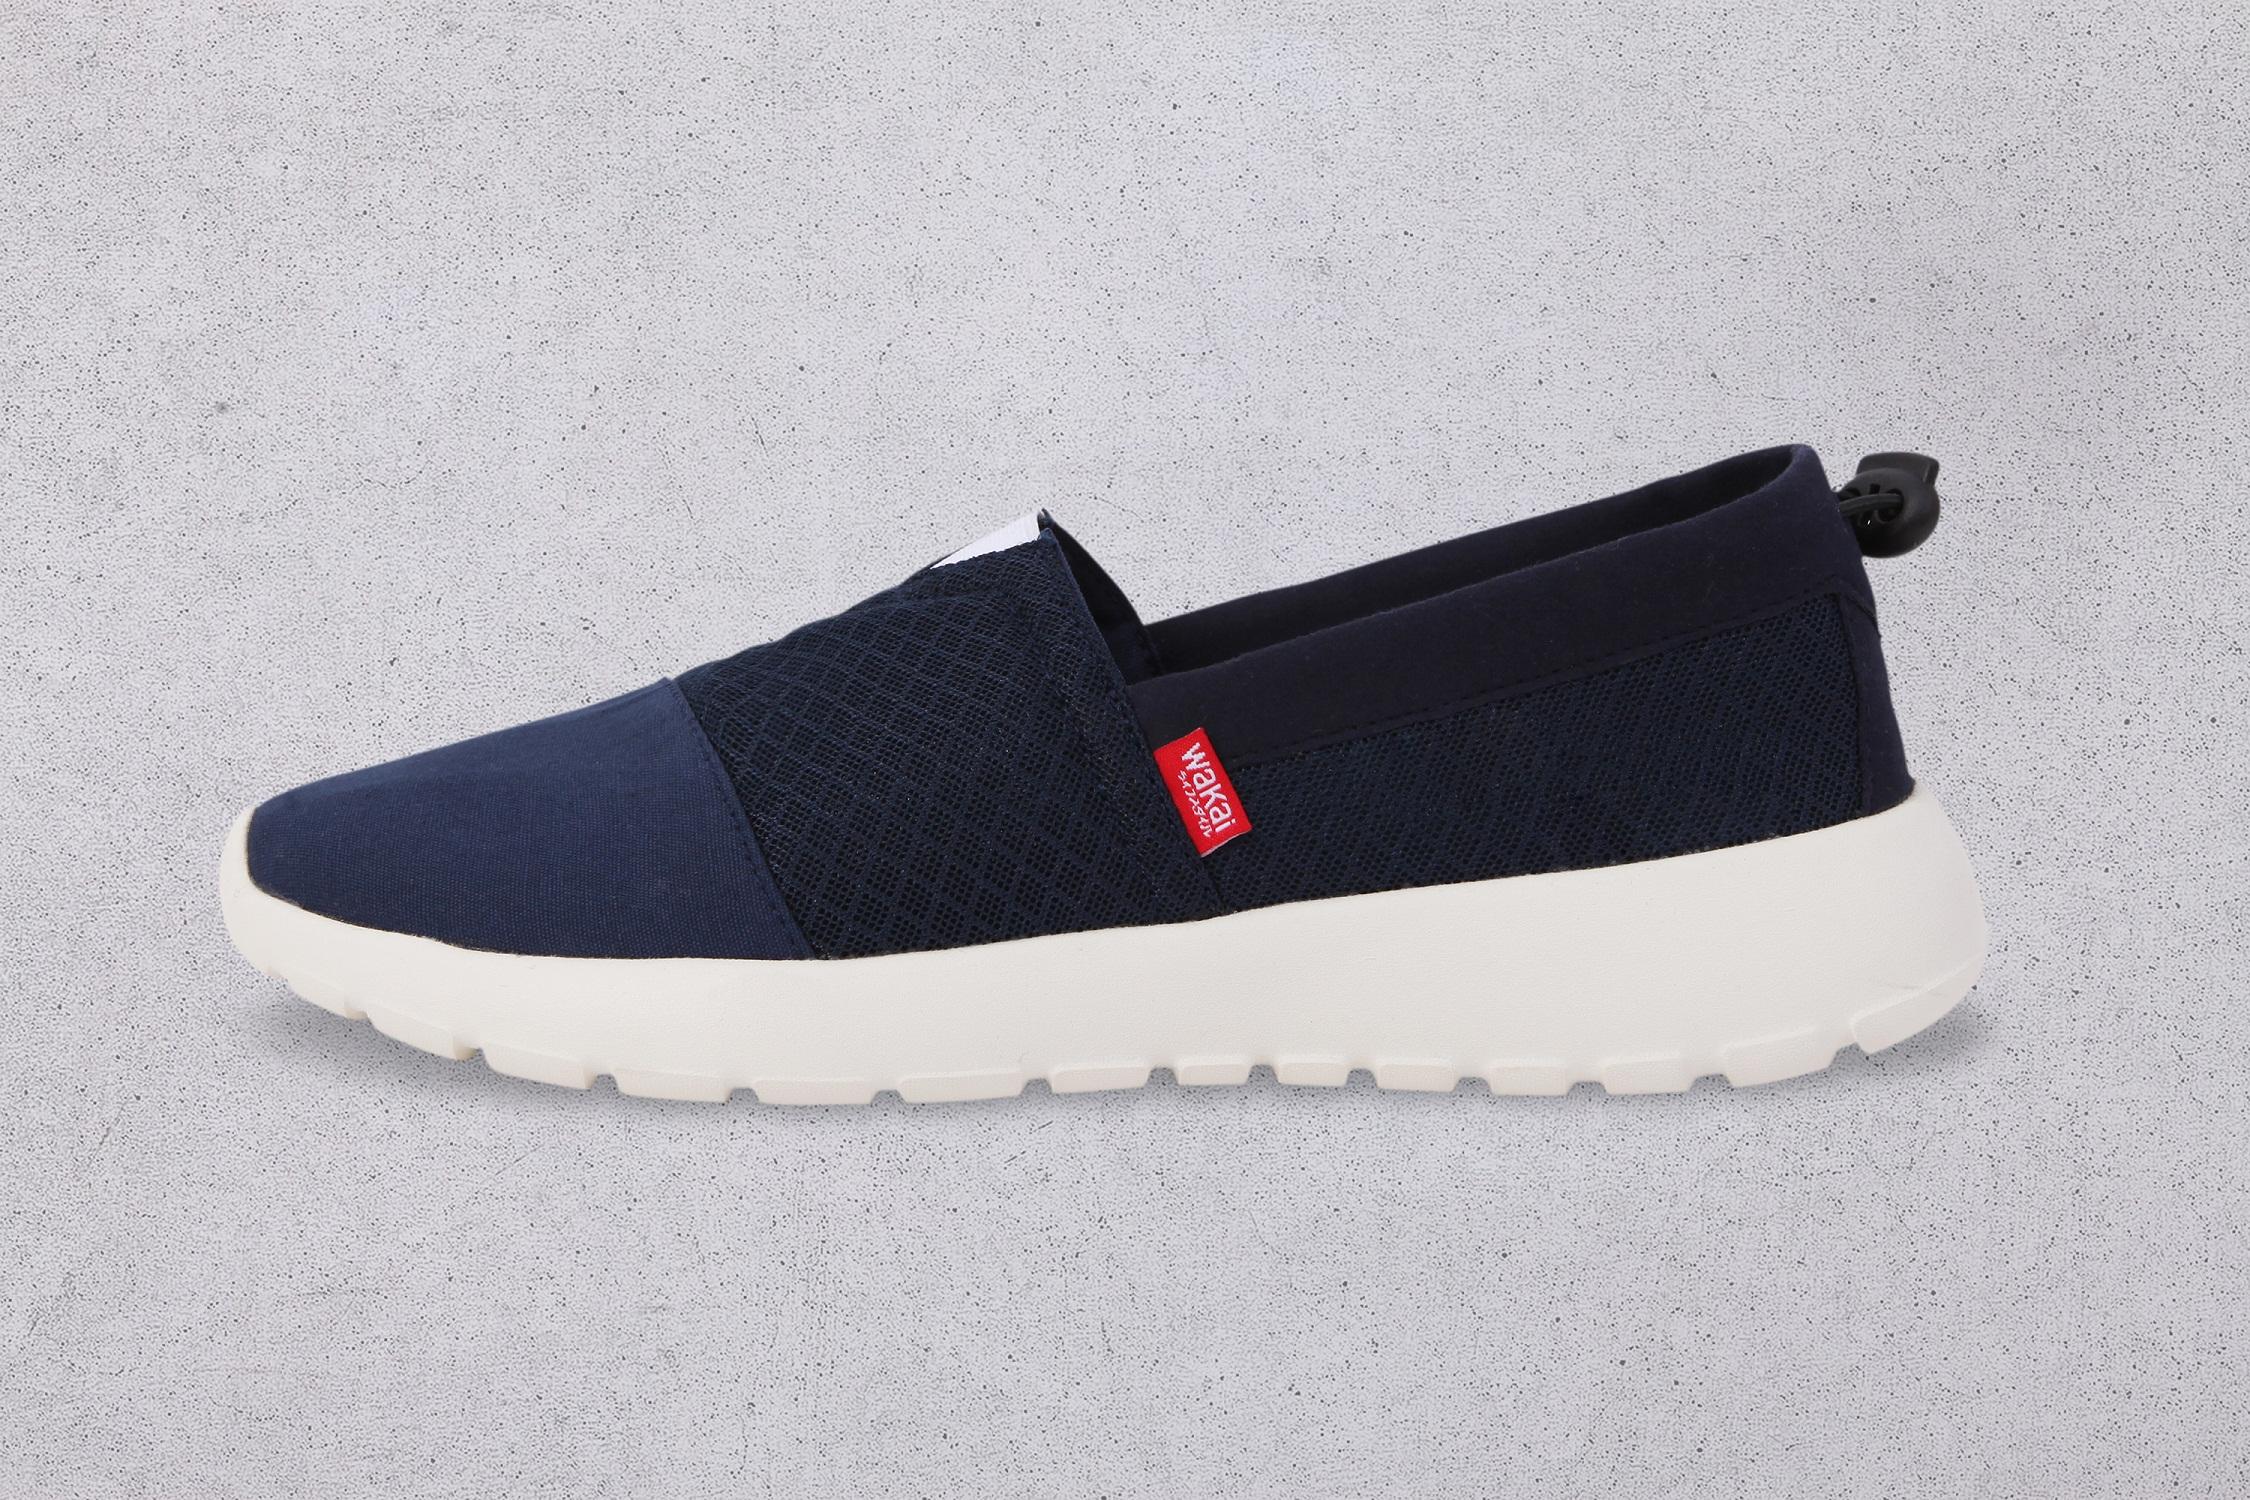 Sepatu Wakai Seiryoku